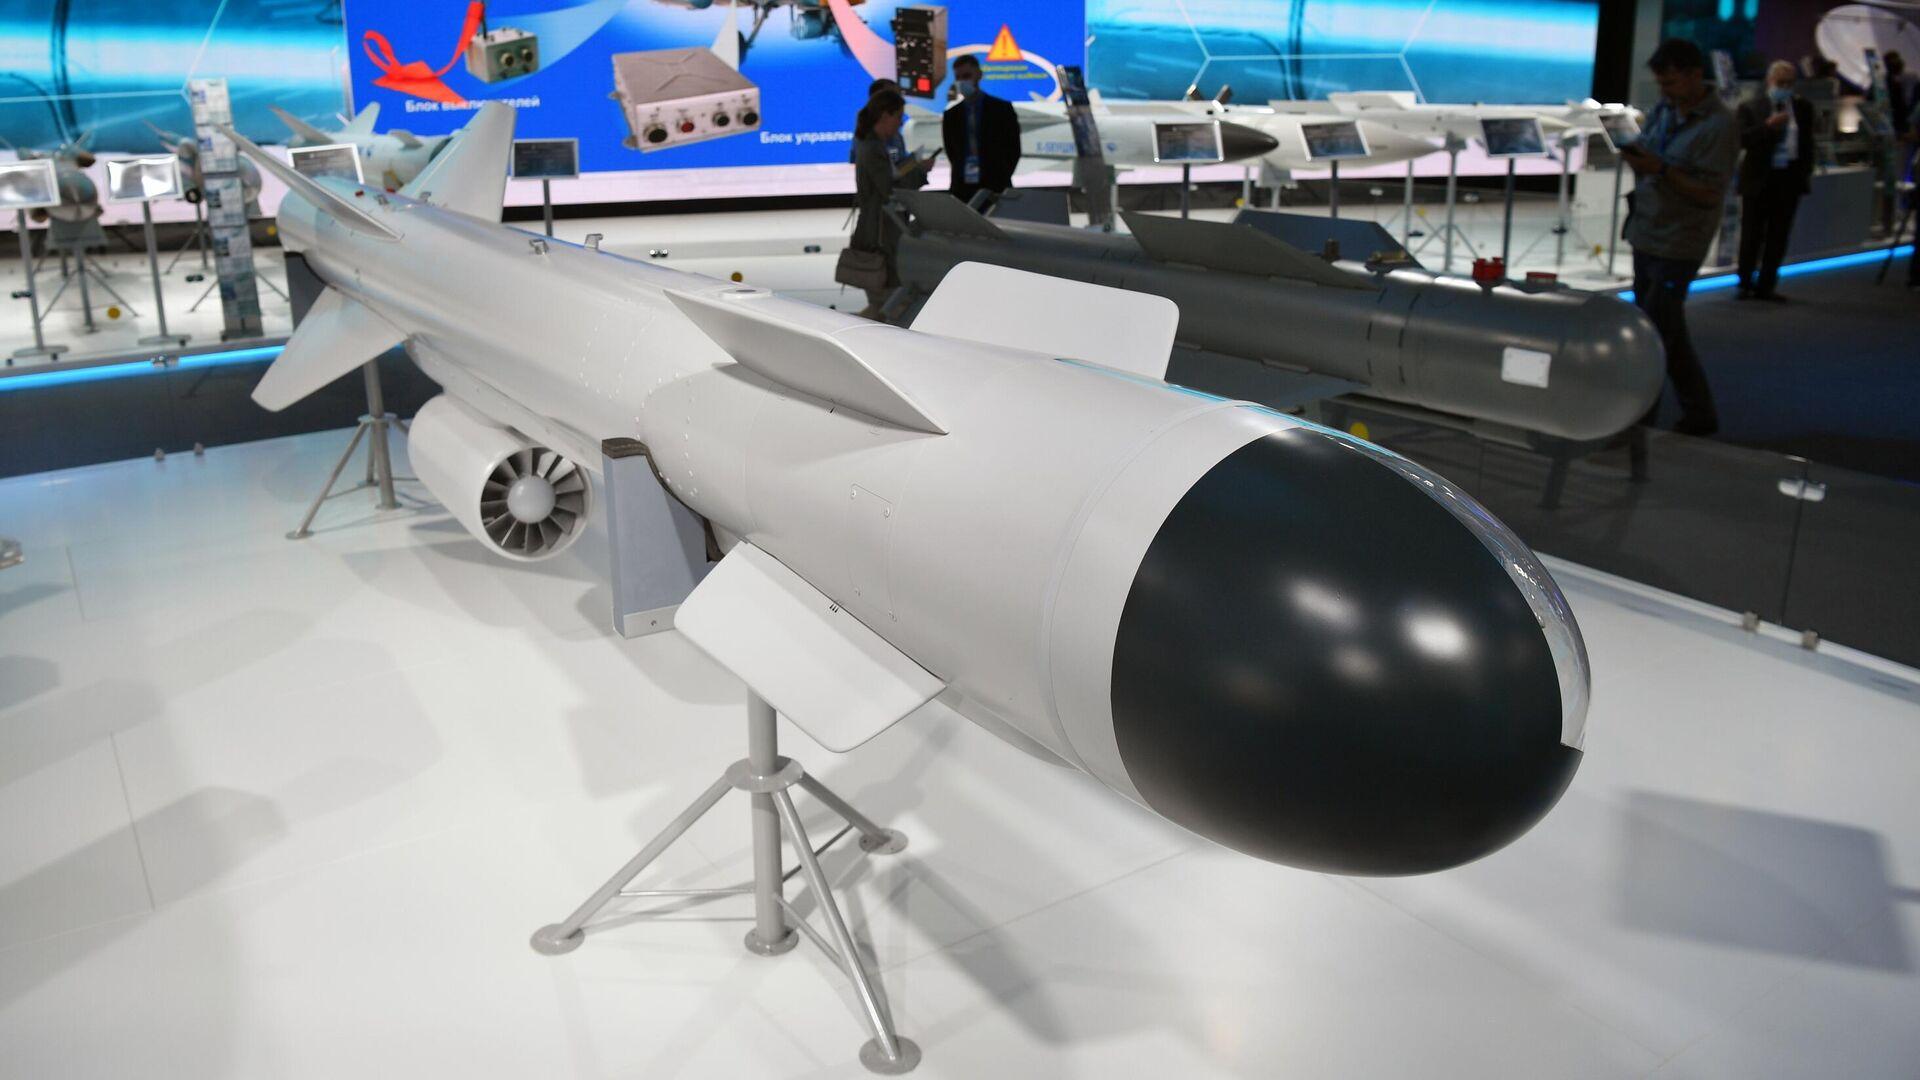 Misil antibúnker Х-59МКМ - Sputnik Mundo, 1920, 09.09.2021